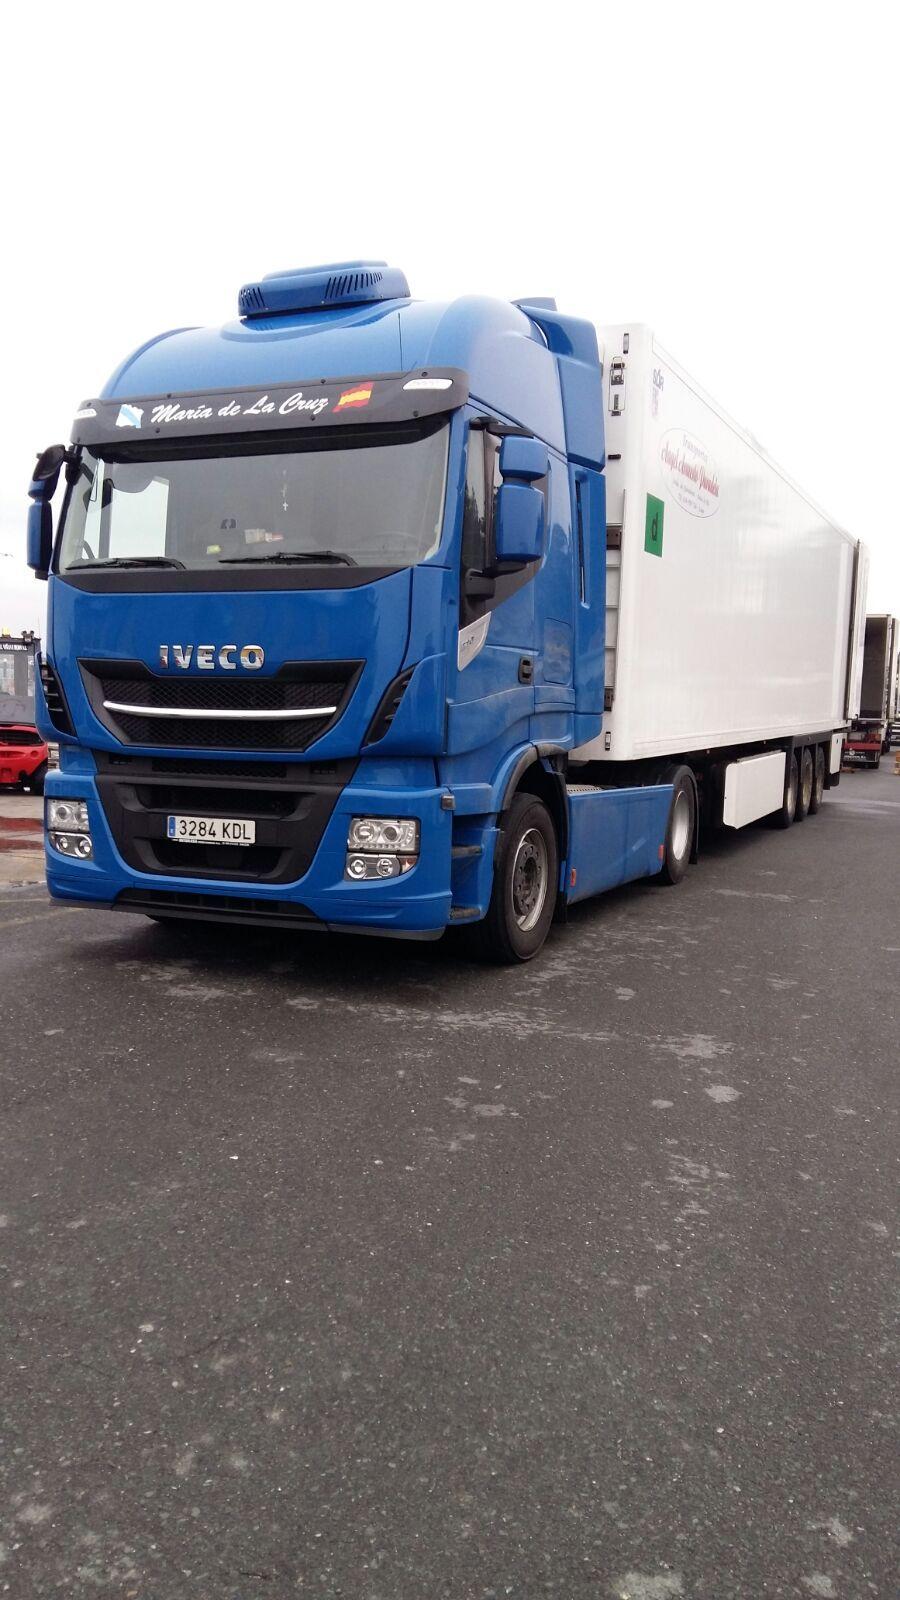 Transporte de importación y de exportación: Servicios de Trans. Armesto Arango, S. L.